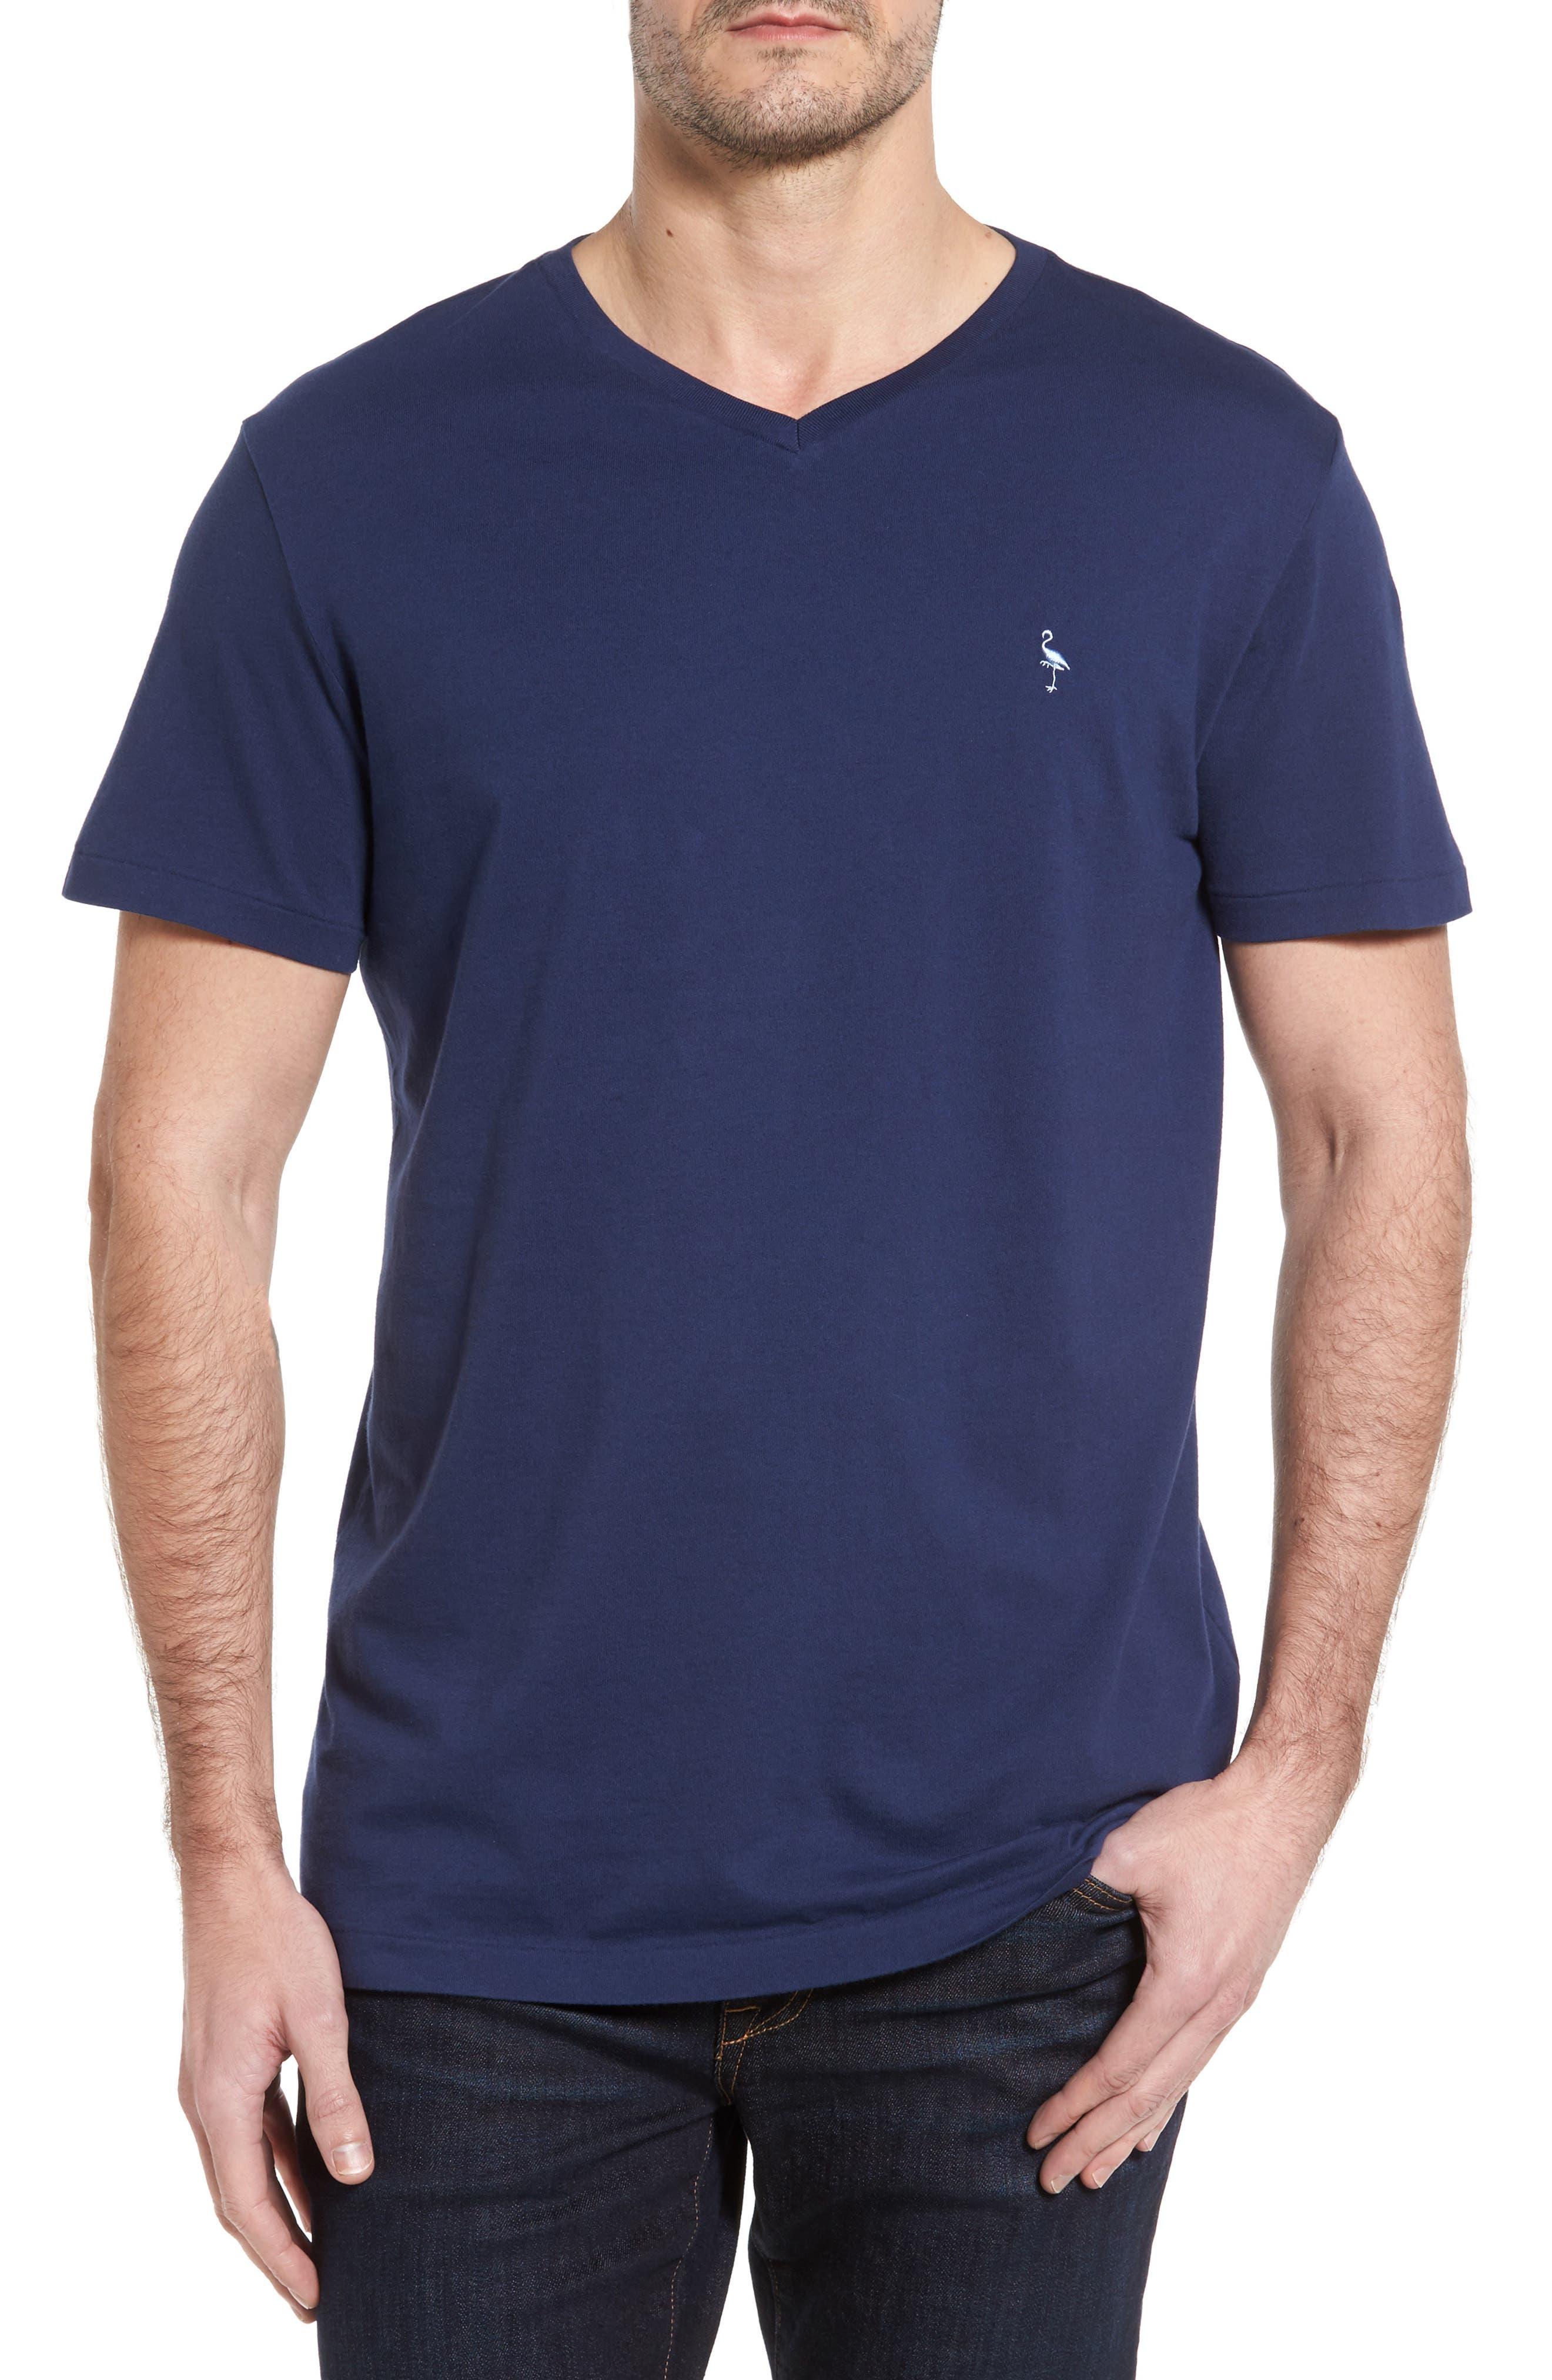 Alternate Image 1 Selected - TailorByrd V-Neck T-Shirt